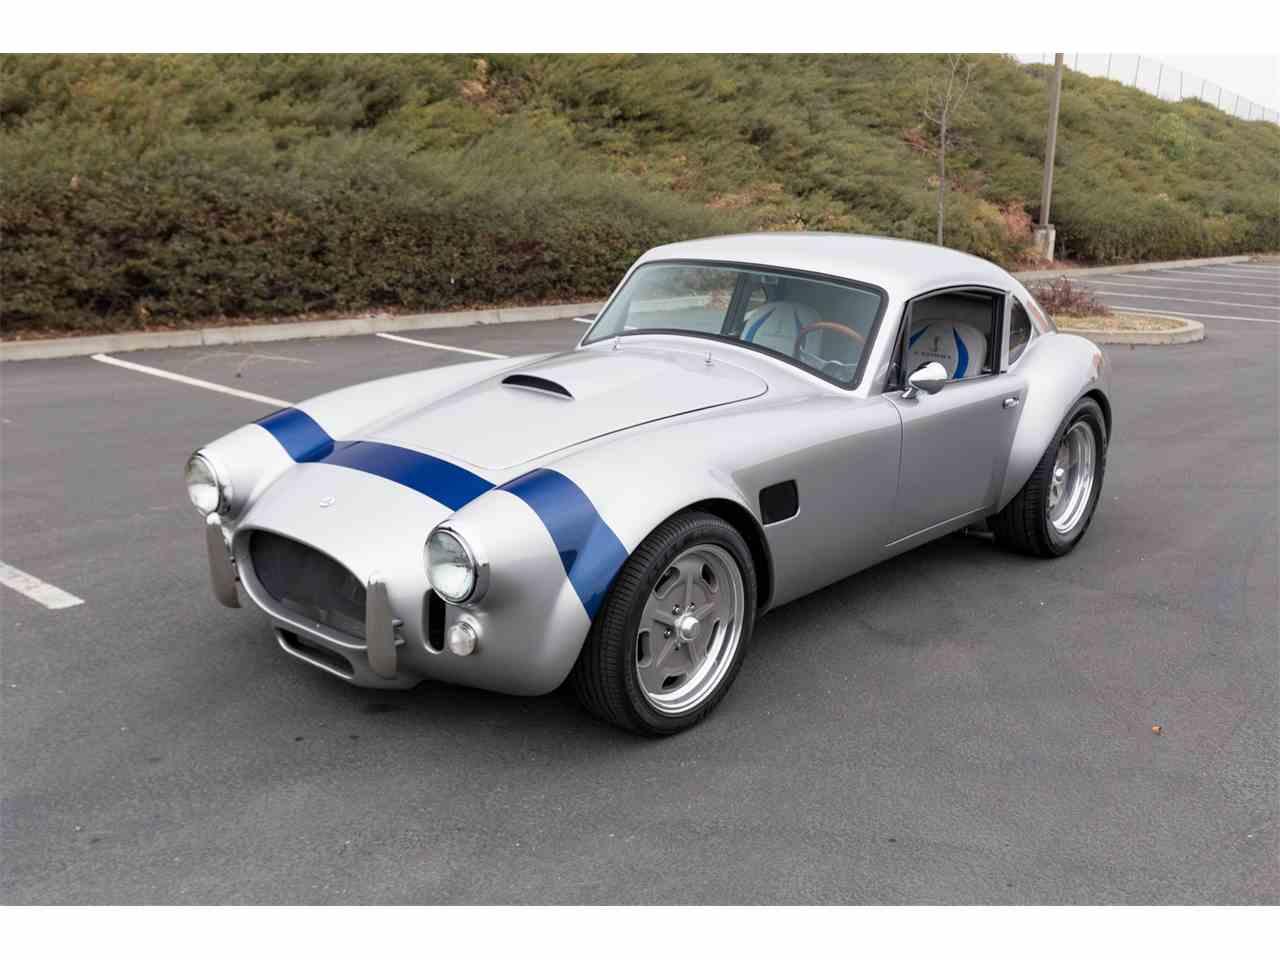 Classic Shelby Cobra Replica for Sale on ClassicCars.com